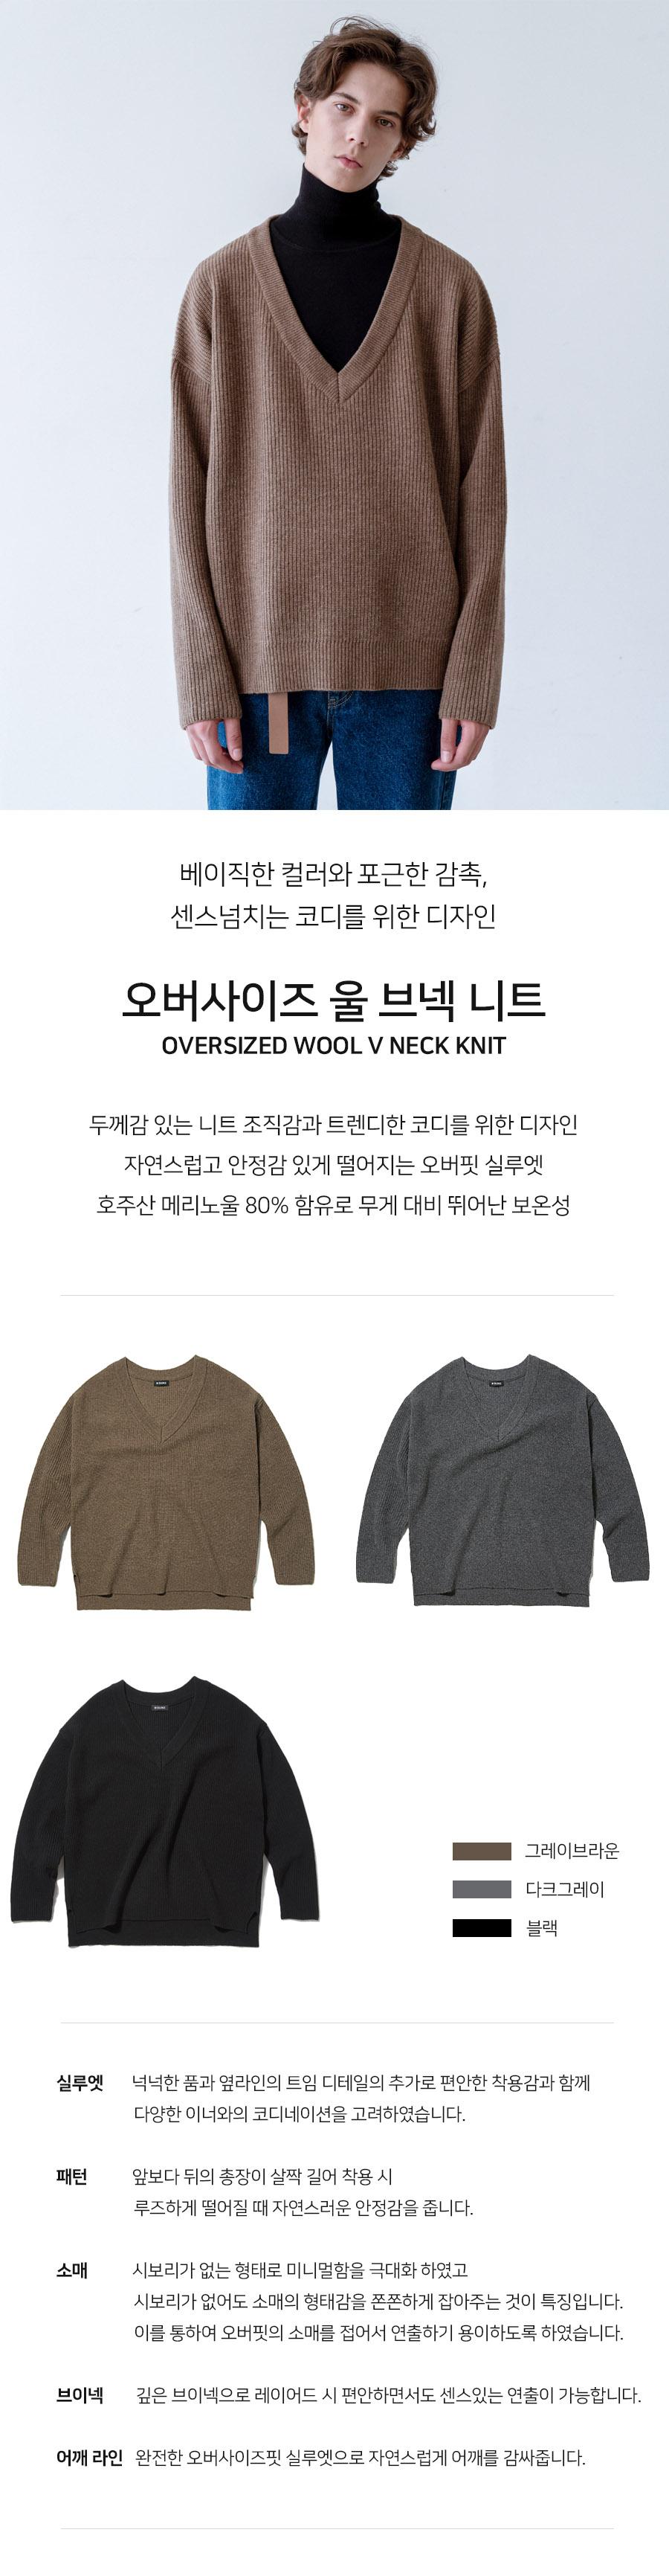 인사일런스(INSILENCE) OVERSIZED WOOL V NECK KNIT (grey brown)